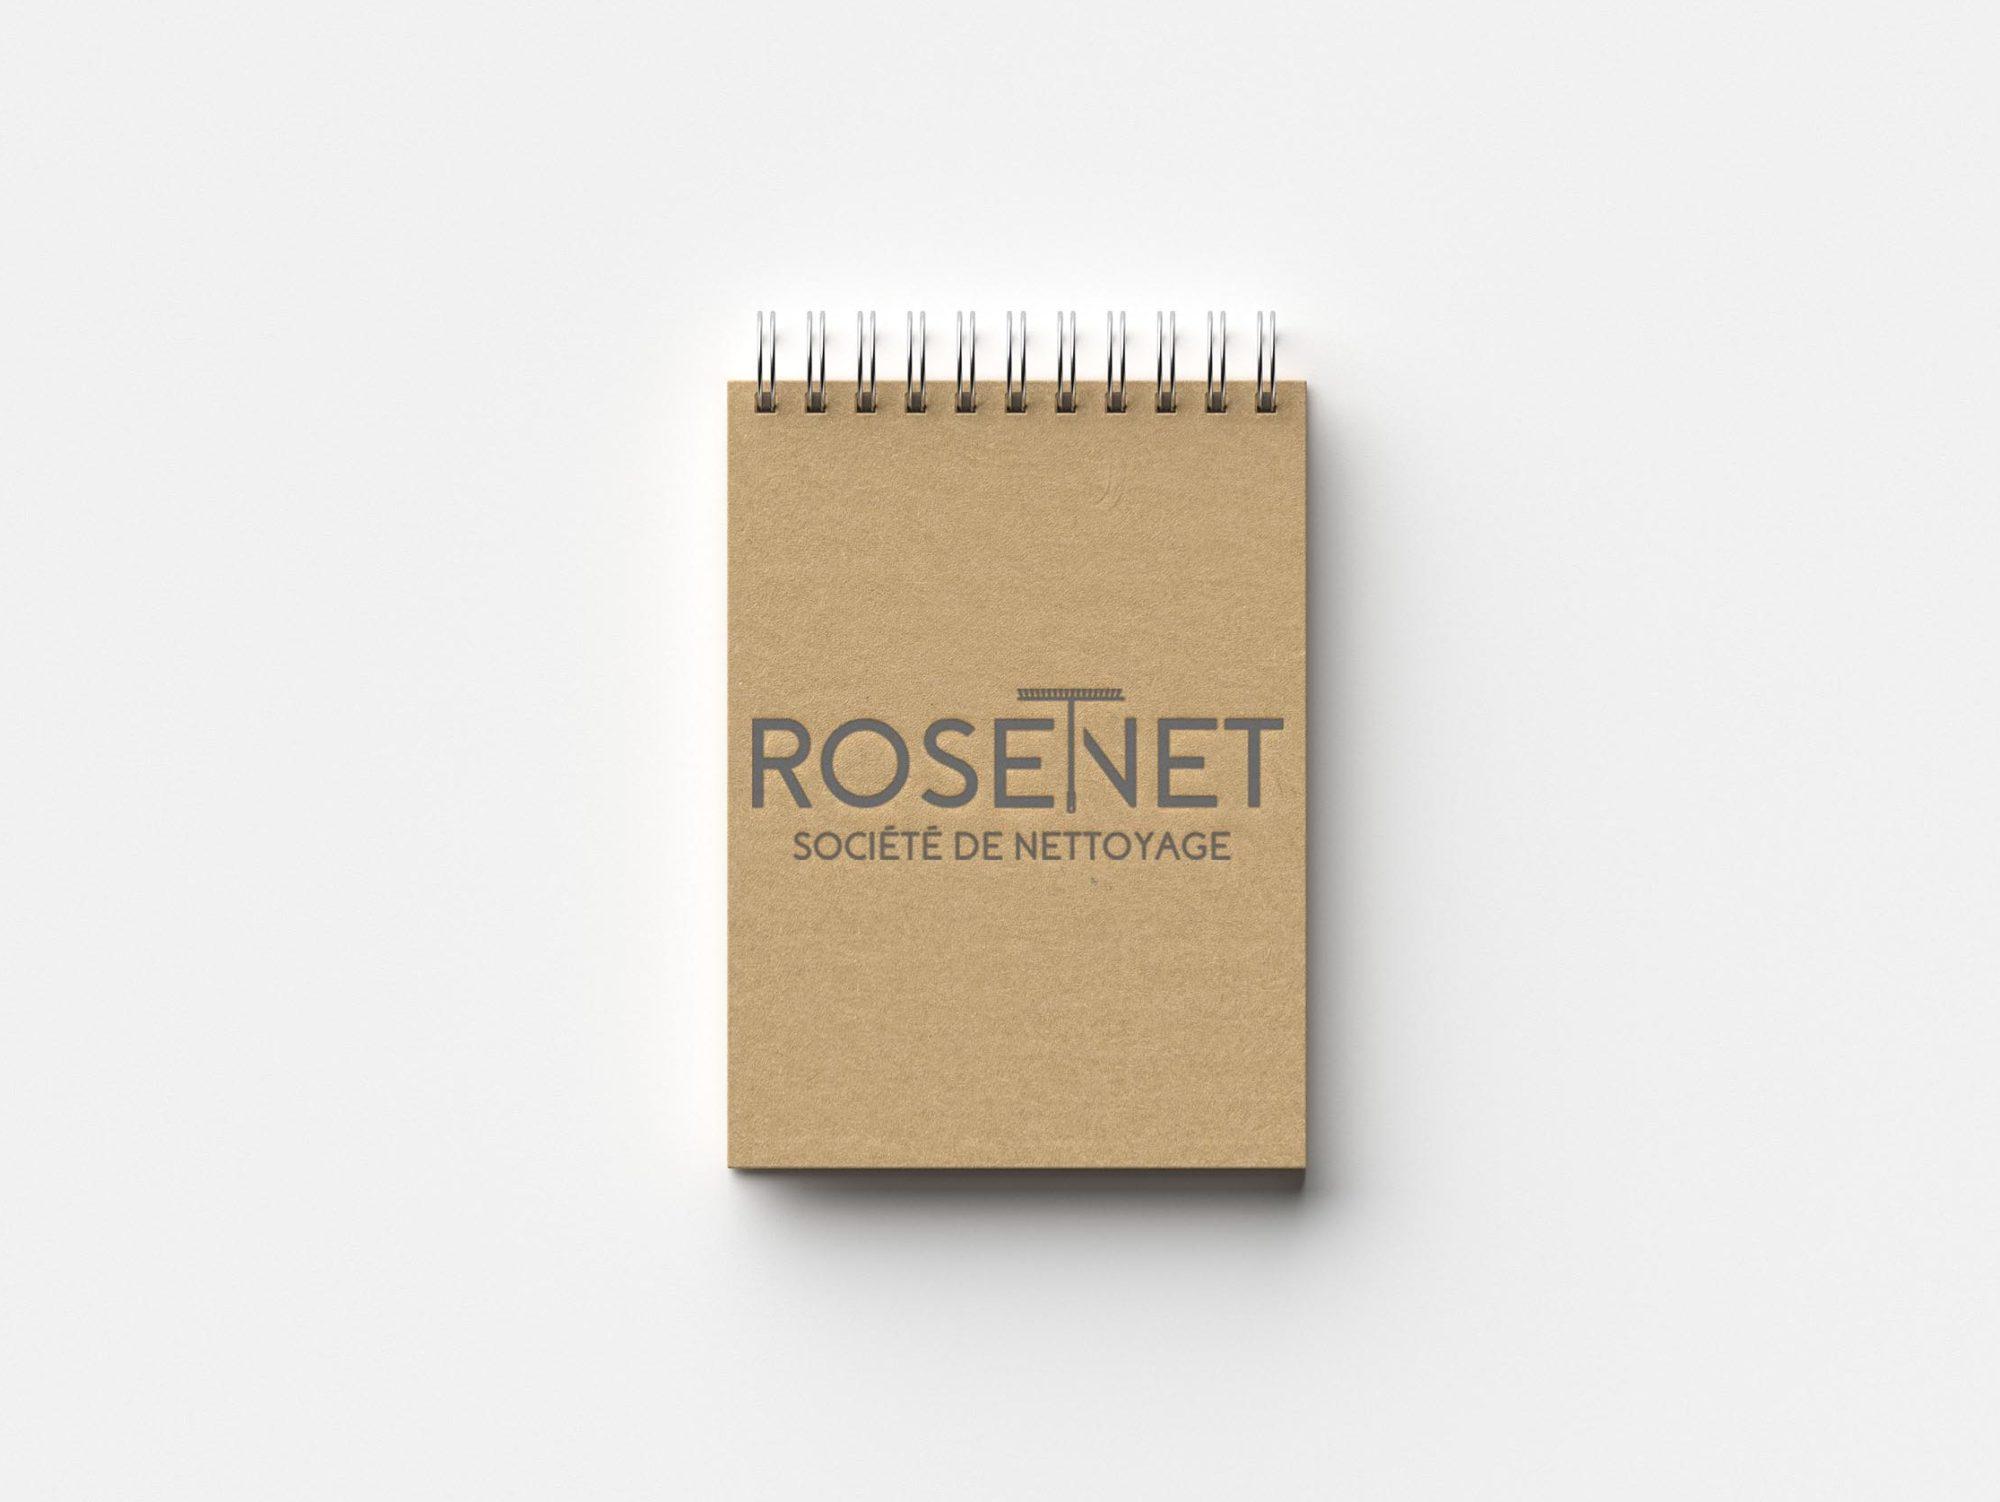 carnet logo rosenet